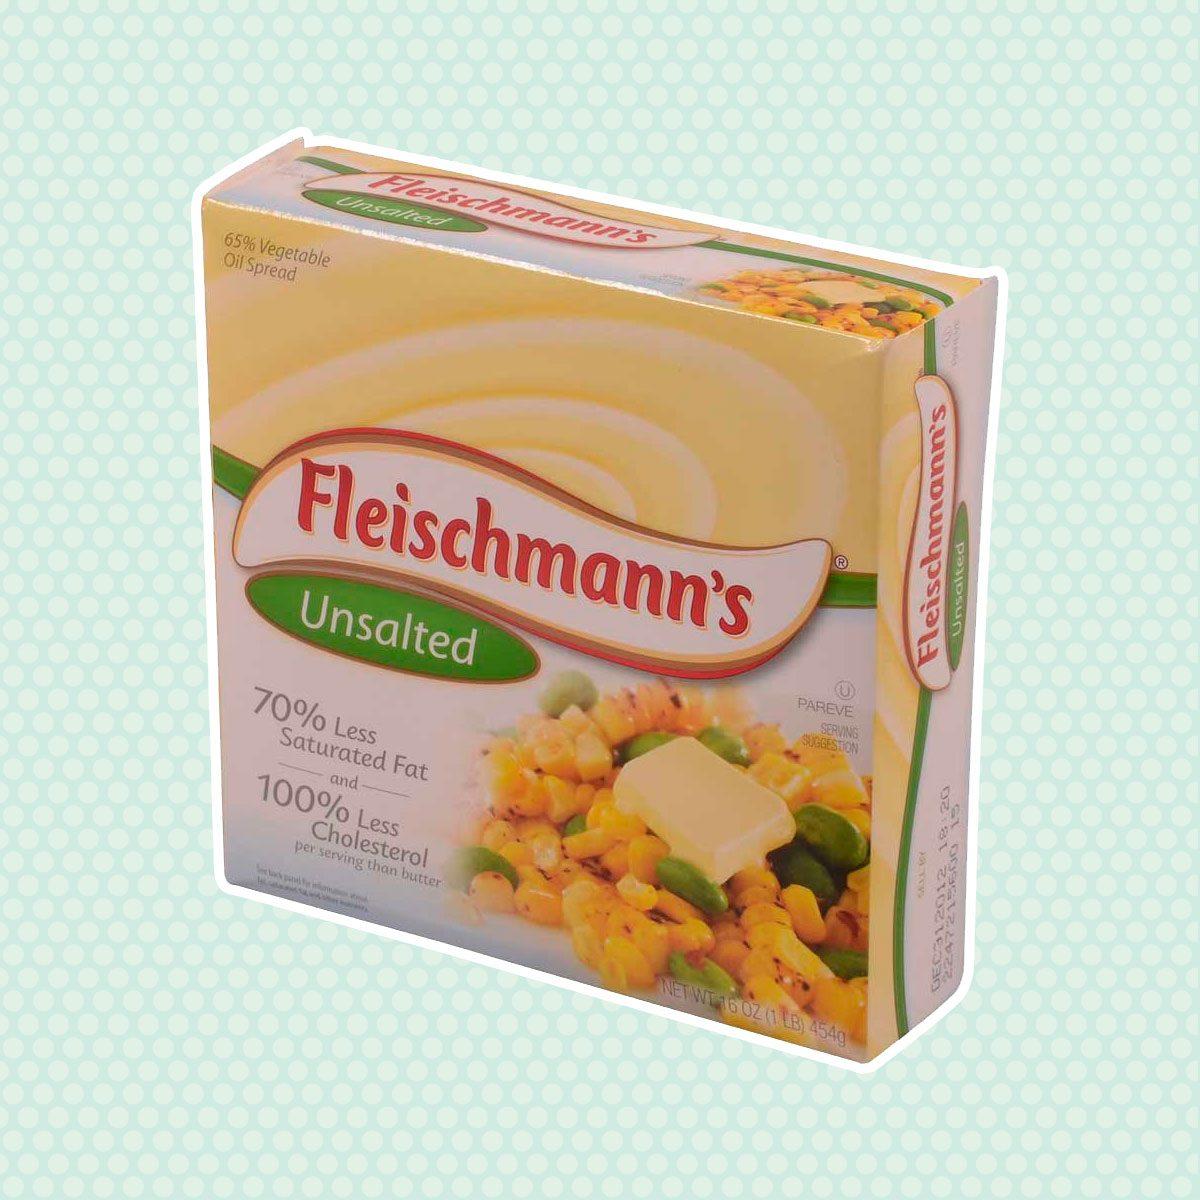 Fleischmanns Solid Margarine